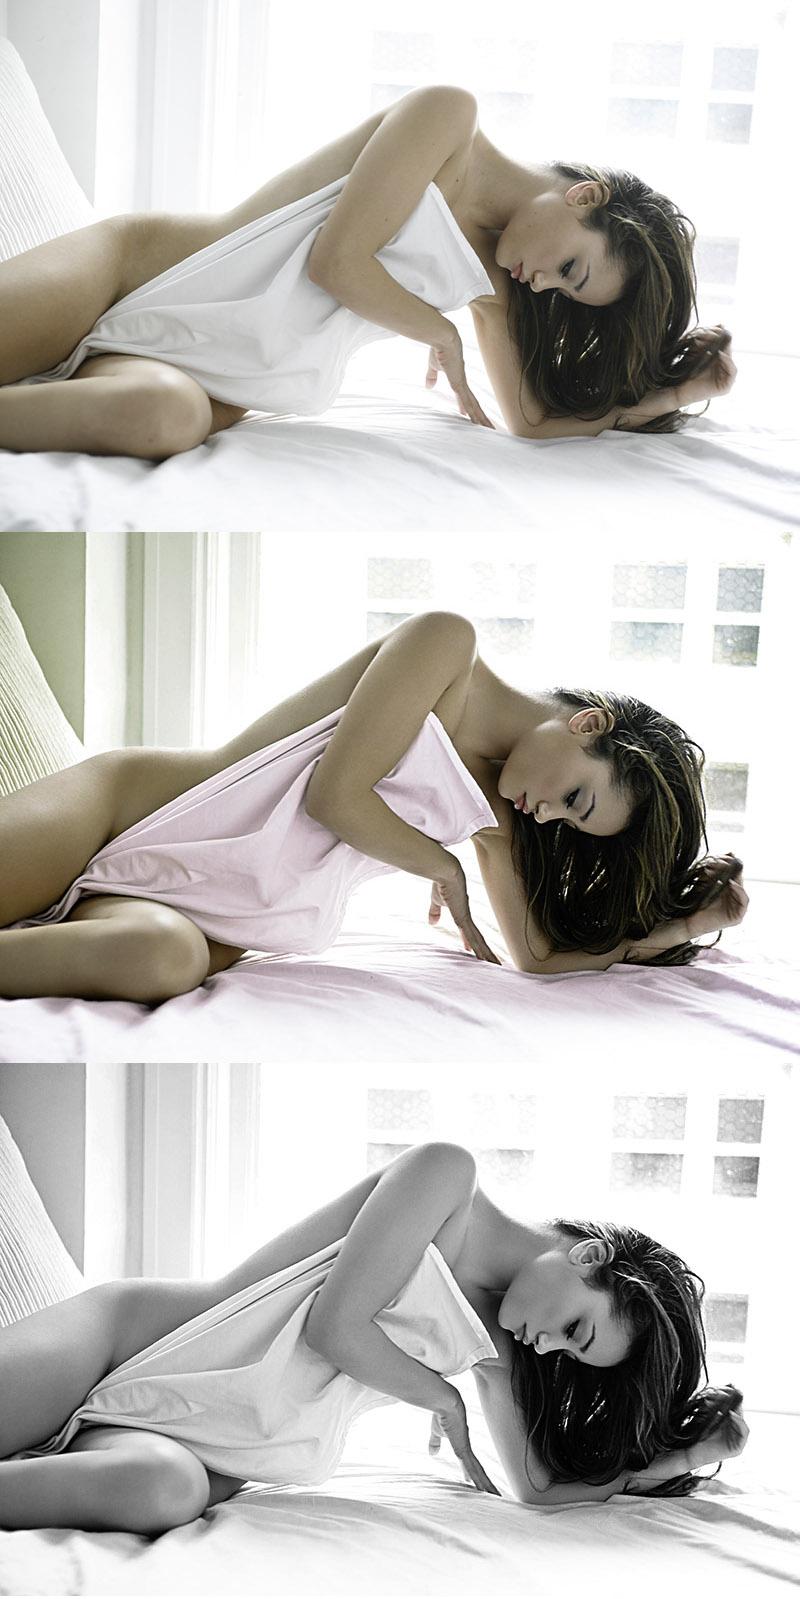 Sep 09, 2009 © 2009 David L. Lawrence retouch only - Photographer Duarte Quiet Beauty Retouch